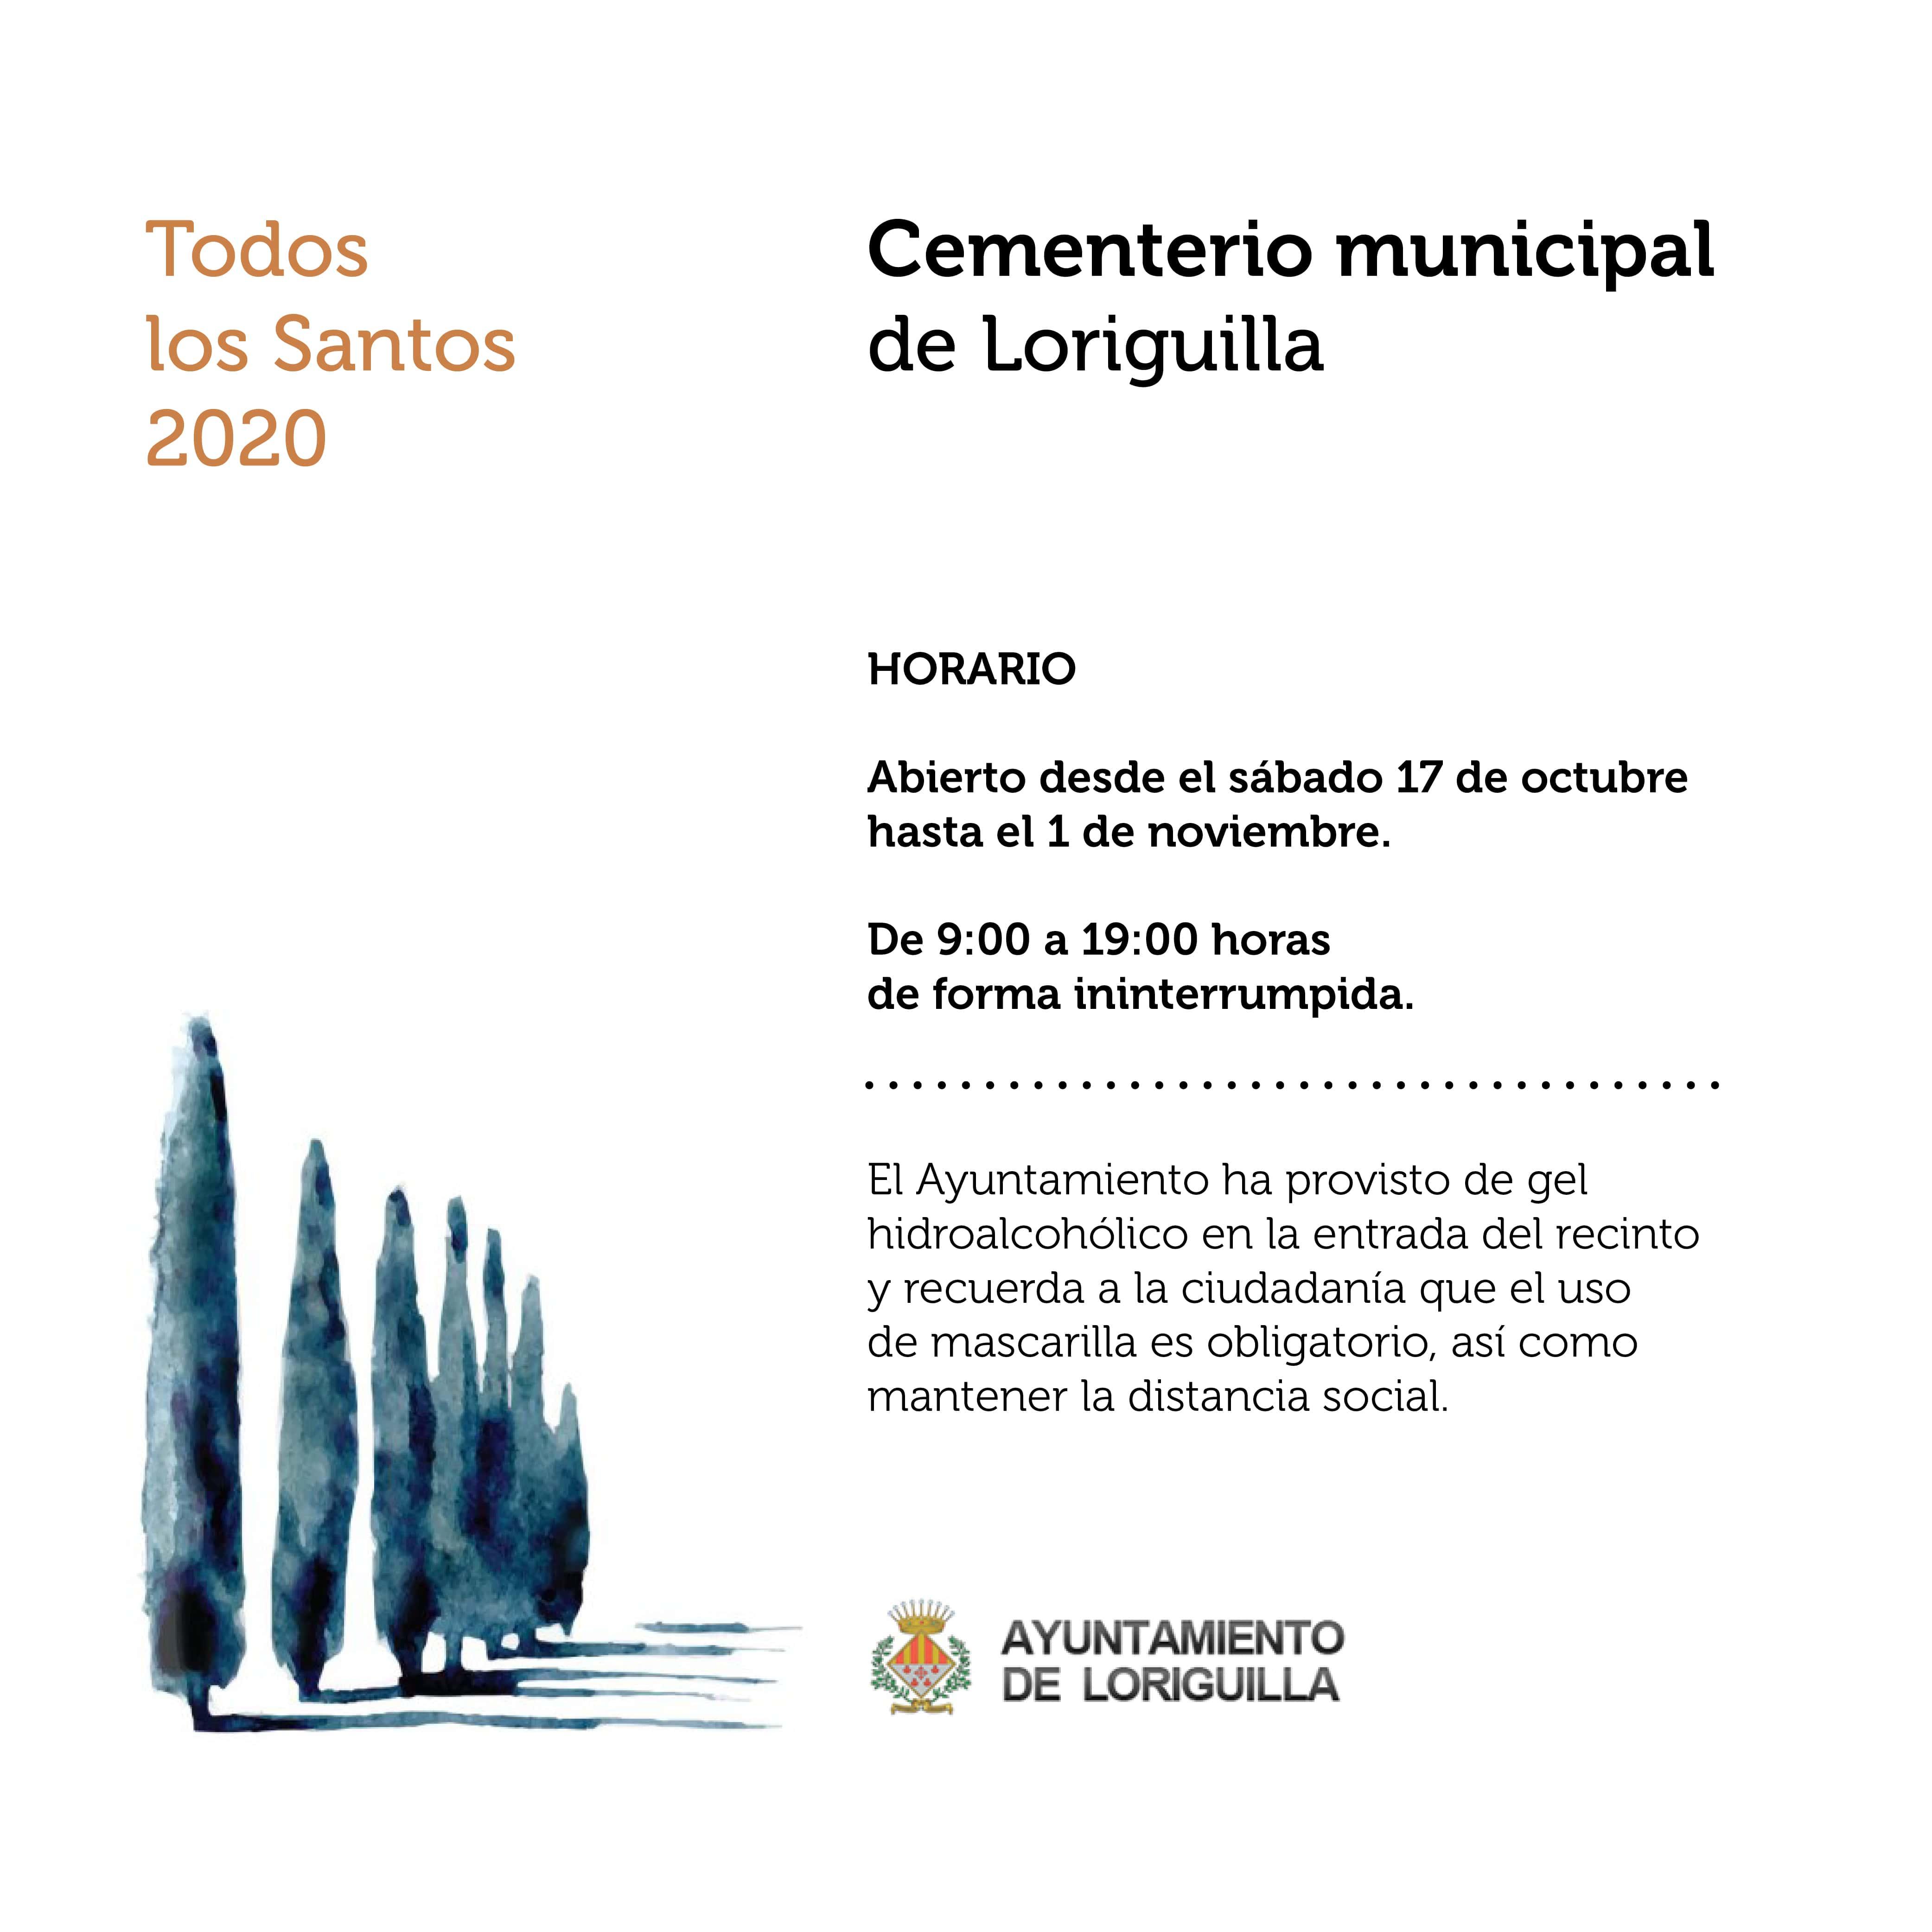 El cementerio municipal de Loriguilla permanecerá abierto desde el sábado 17 de octubre hasta el 1 de noviembre